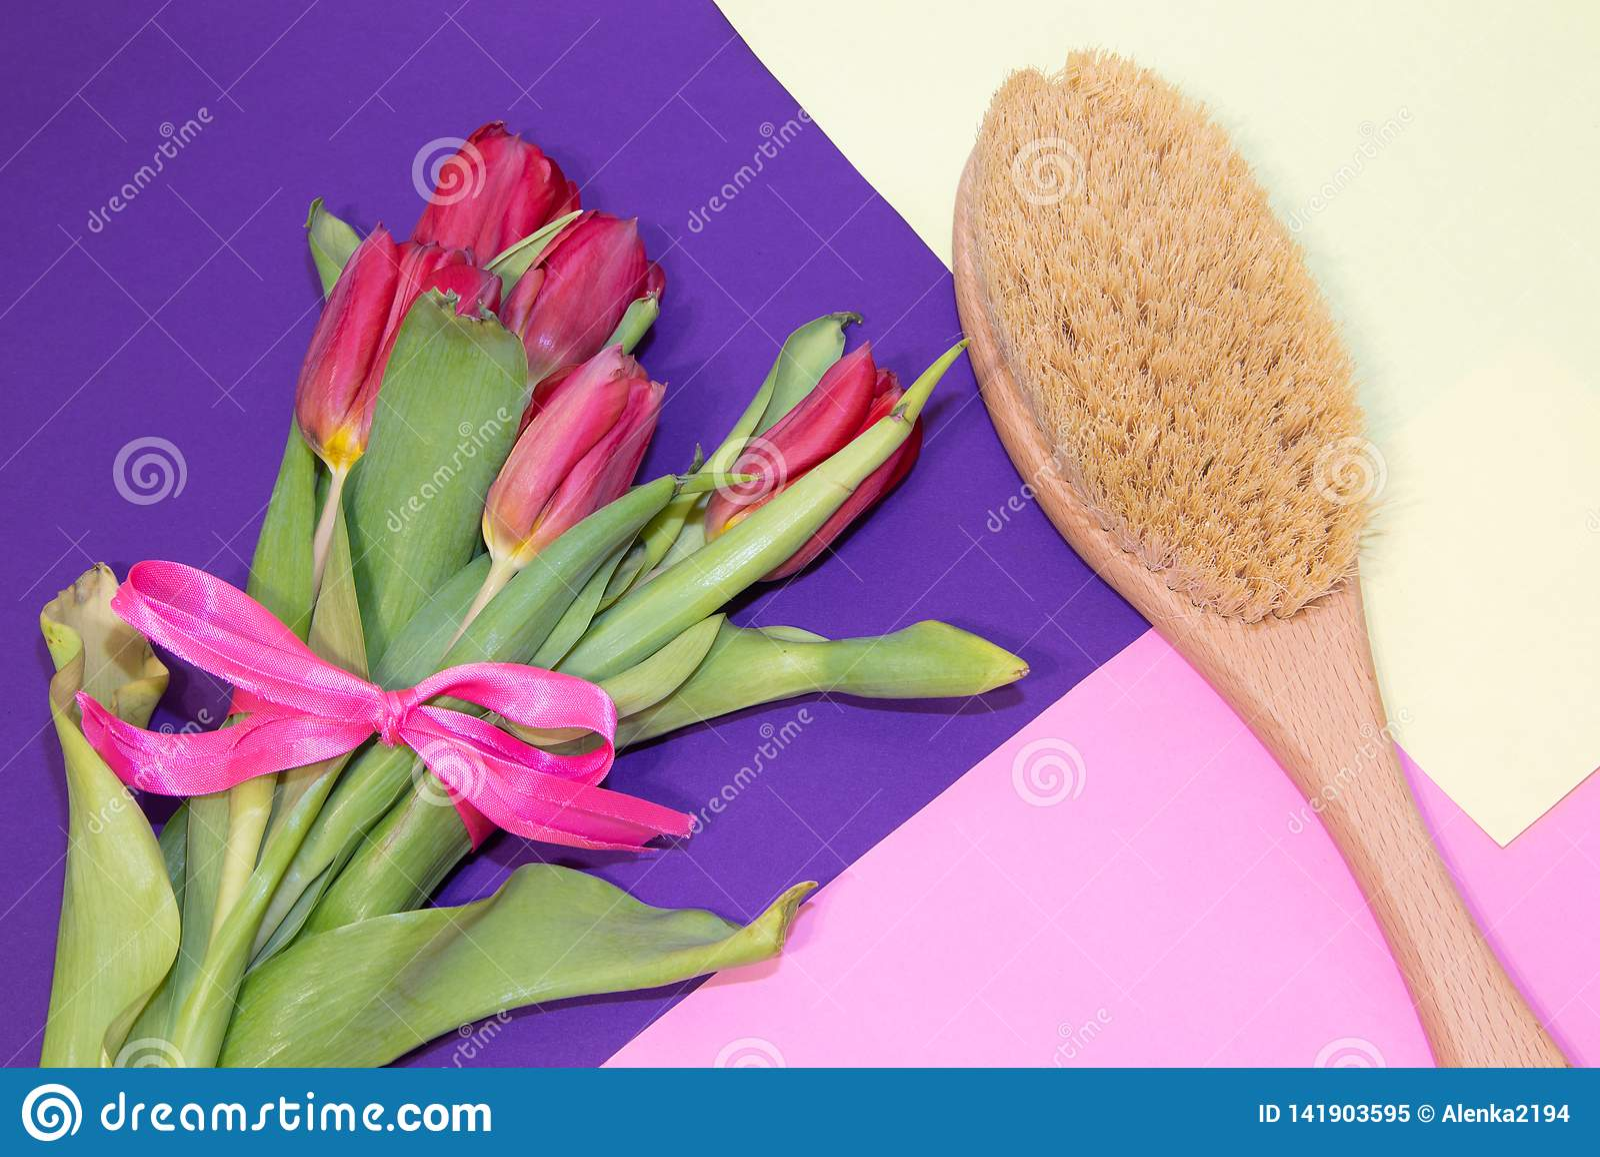 干燥按摩的刷子 新的整容术 摆脱脂肪团和伸展线 适当的护肤 接近的重点图象有选择性的温泉处理